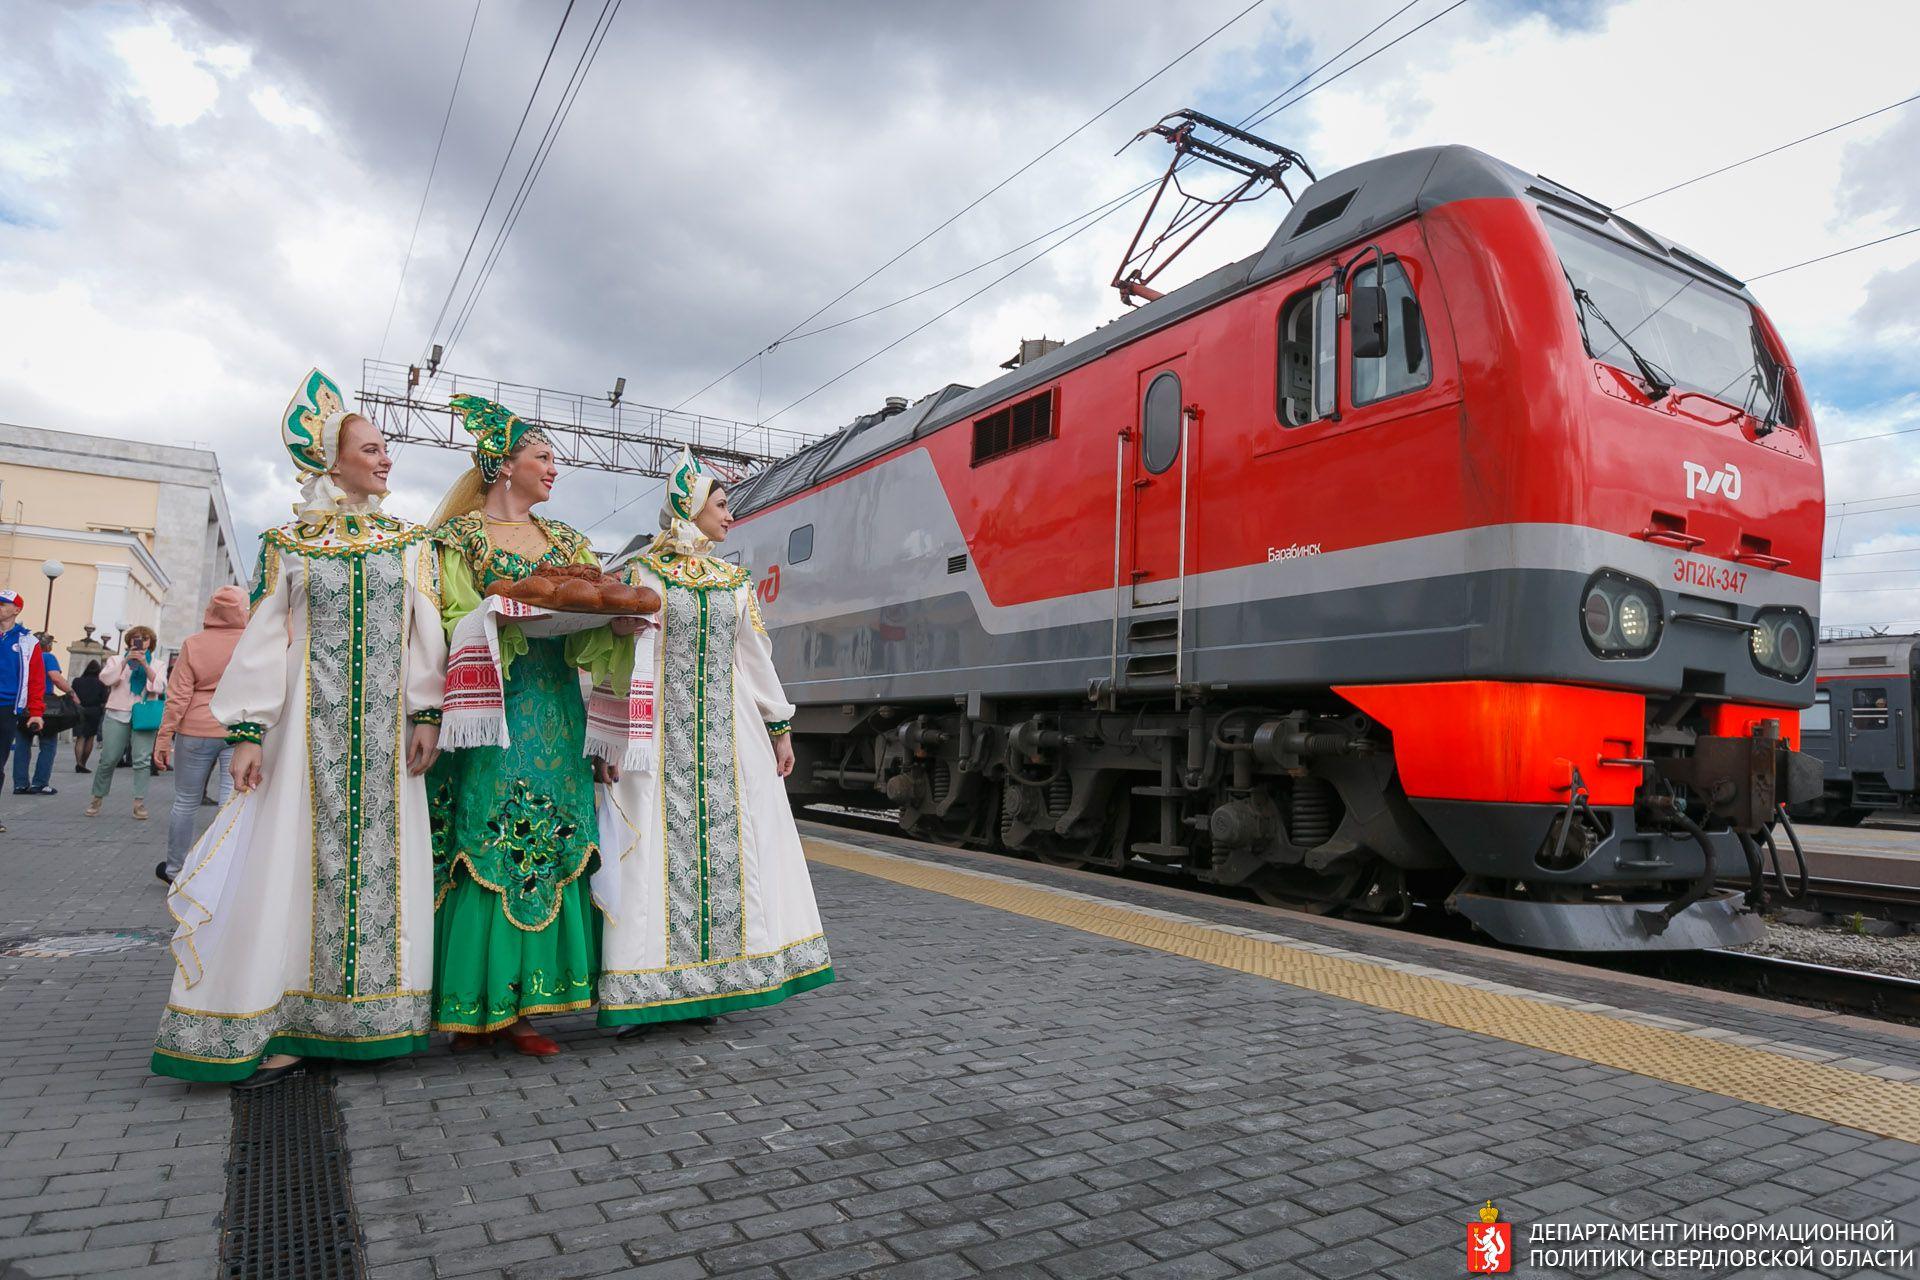 Такого Екатеринбург не видел со времён первомайских демонстраций в Советском Союзе. От поезда до стадиона. Без слов